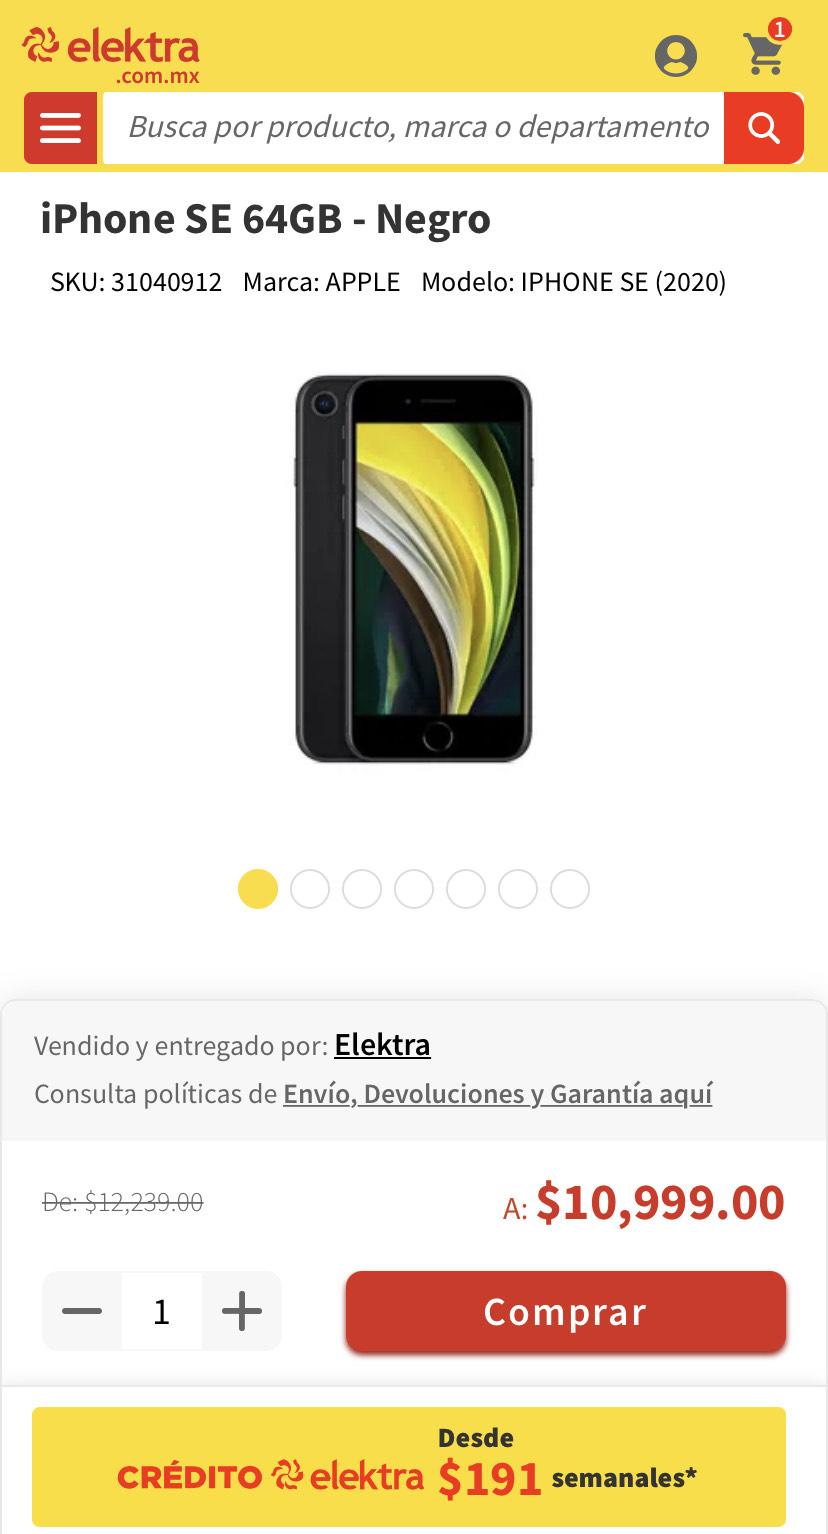 Elektra: iPhone SE 64GB - Negro Banorte Un solo pago